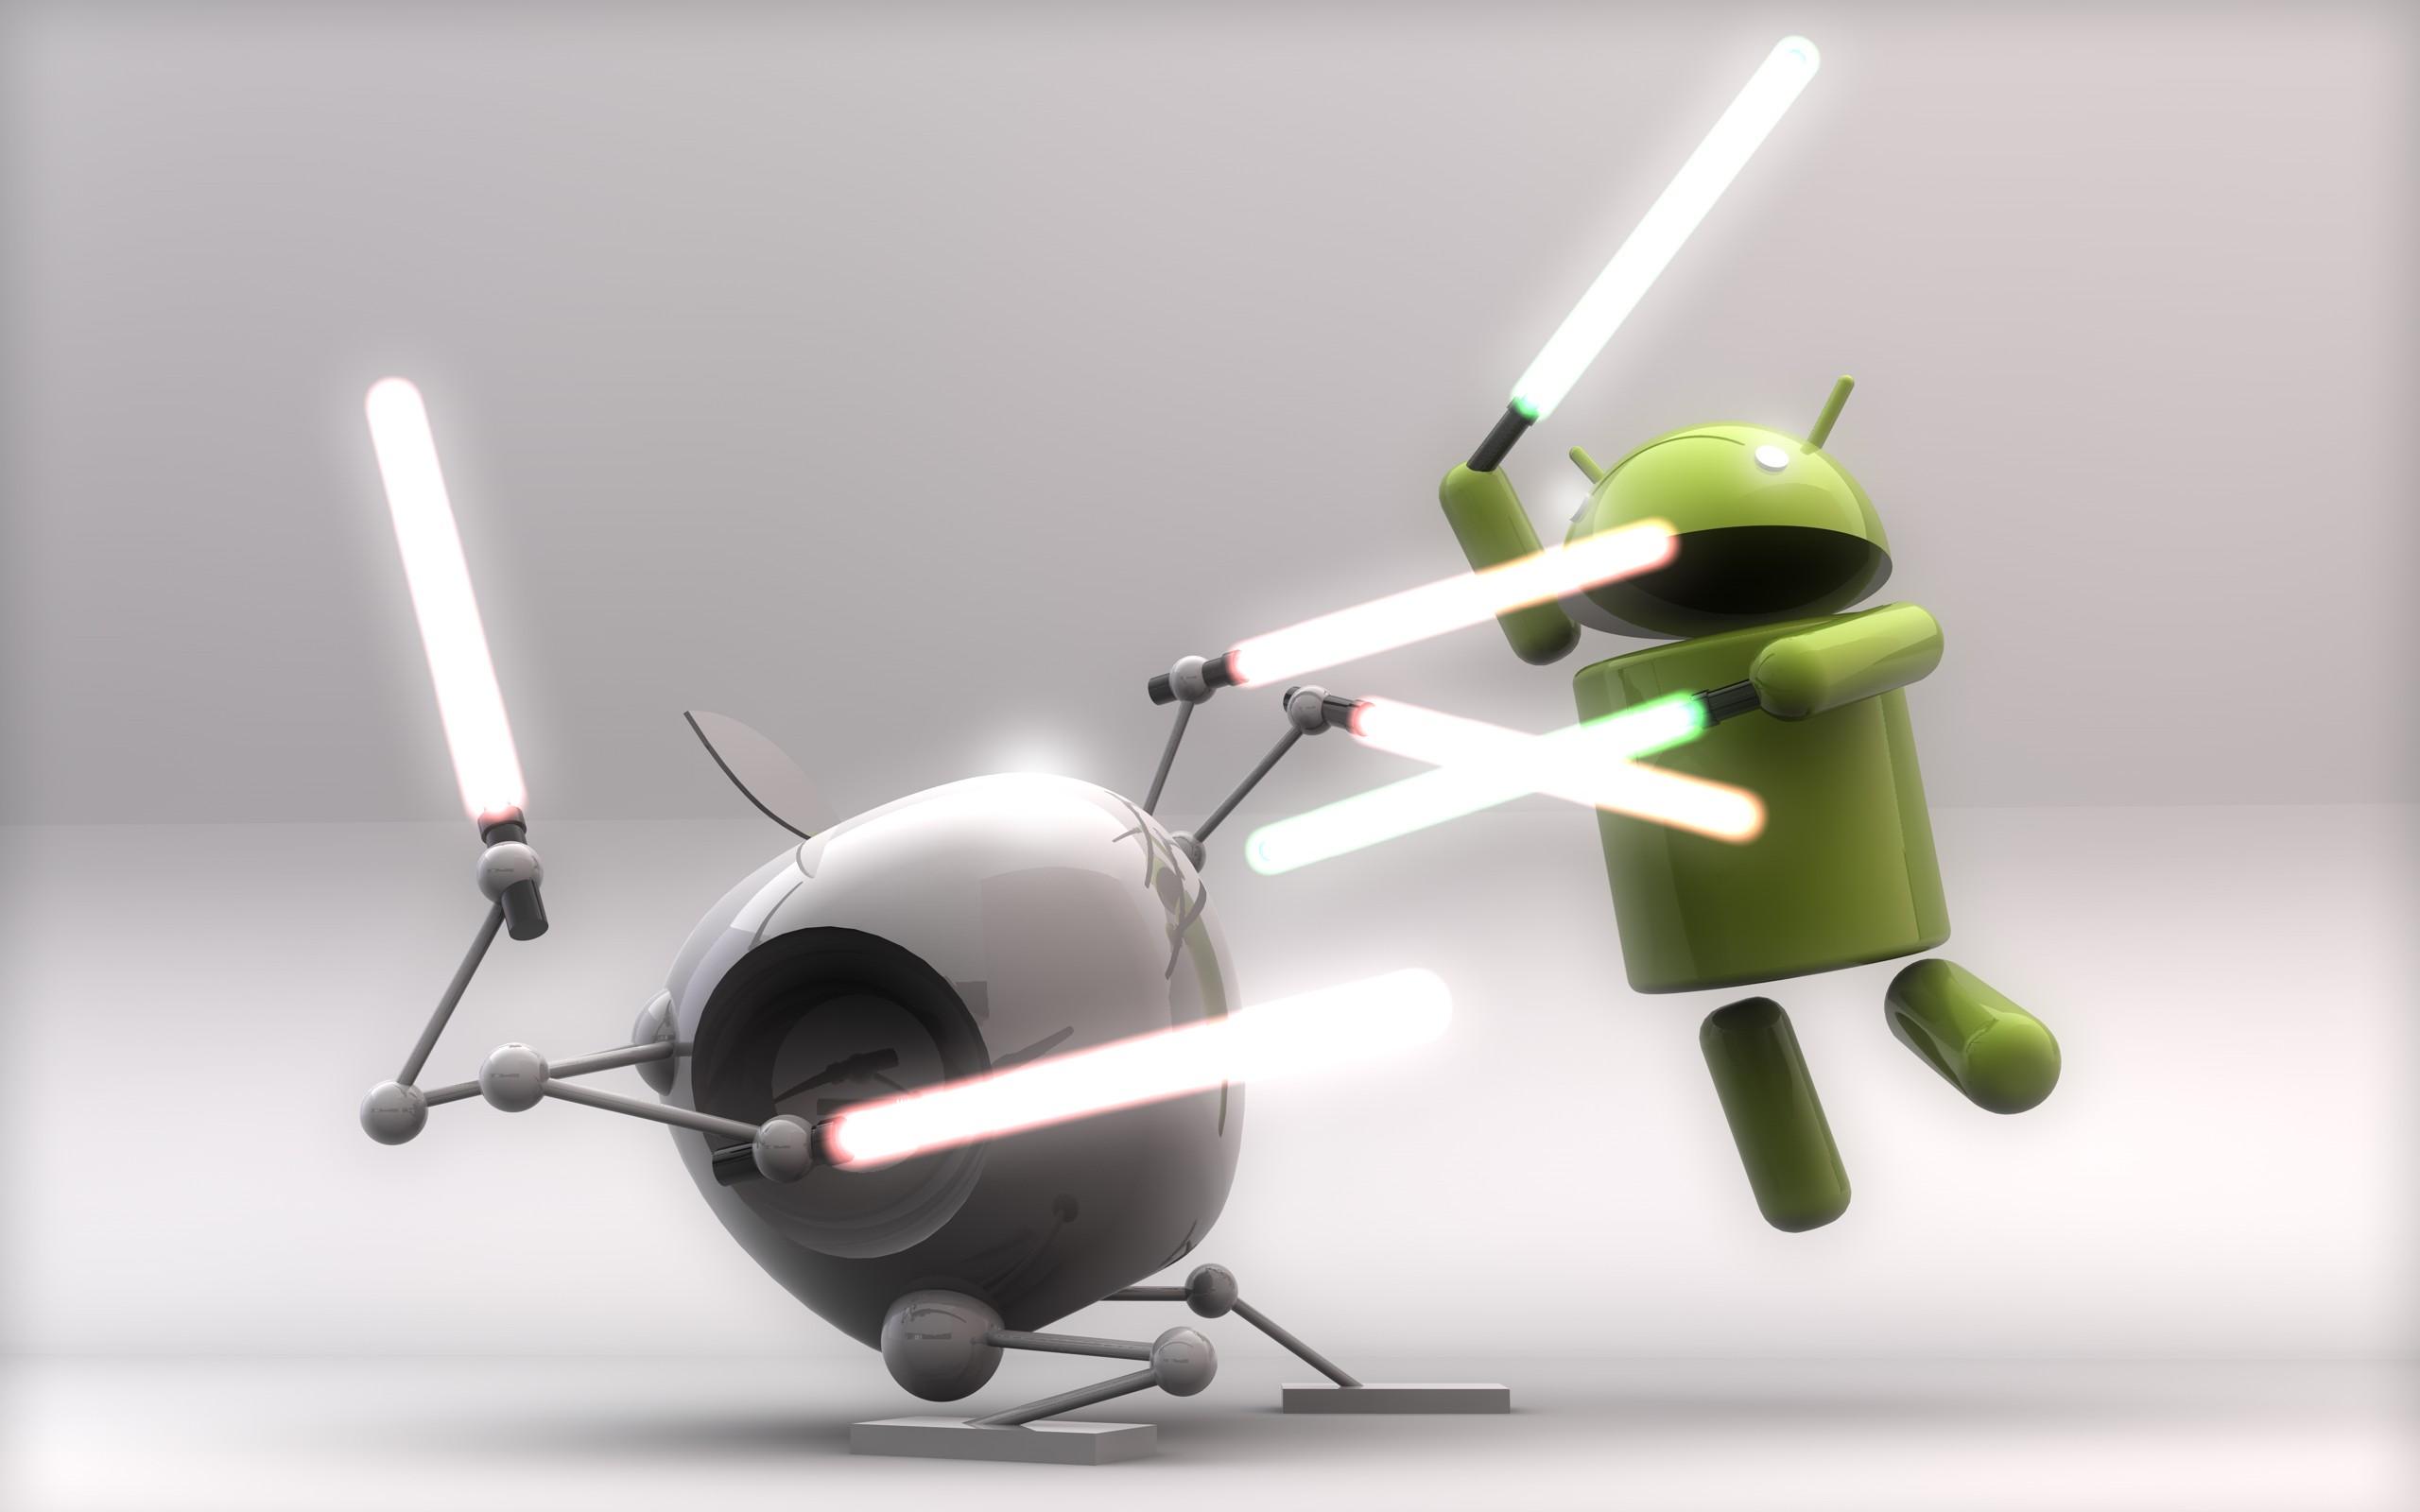 안드로이드가 iOS보다 좋다? 당신에게는.